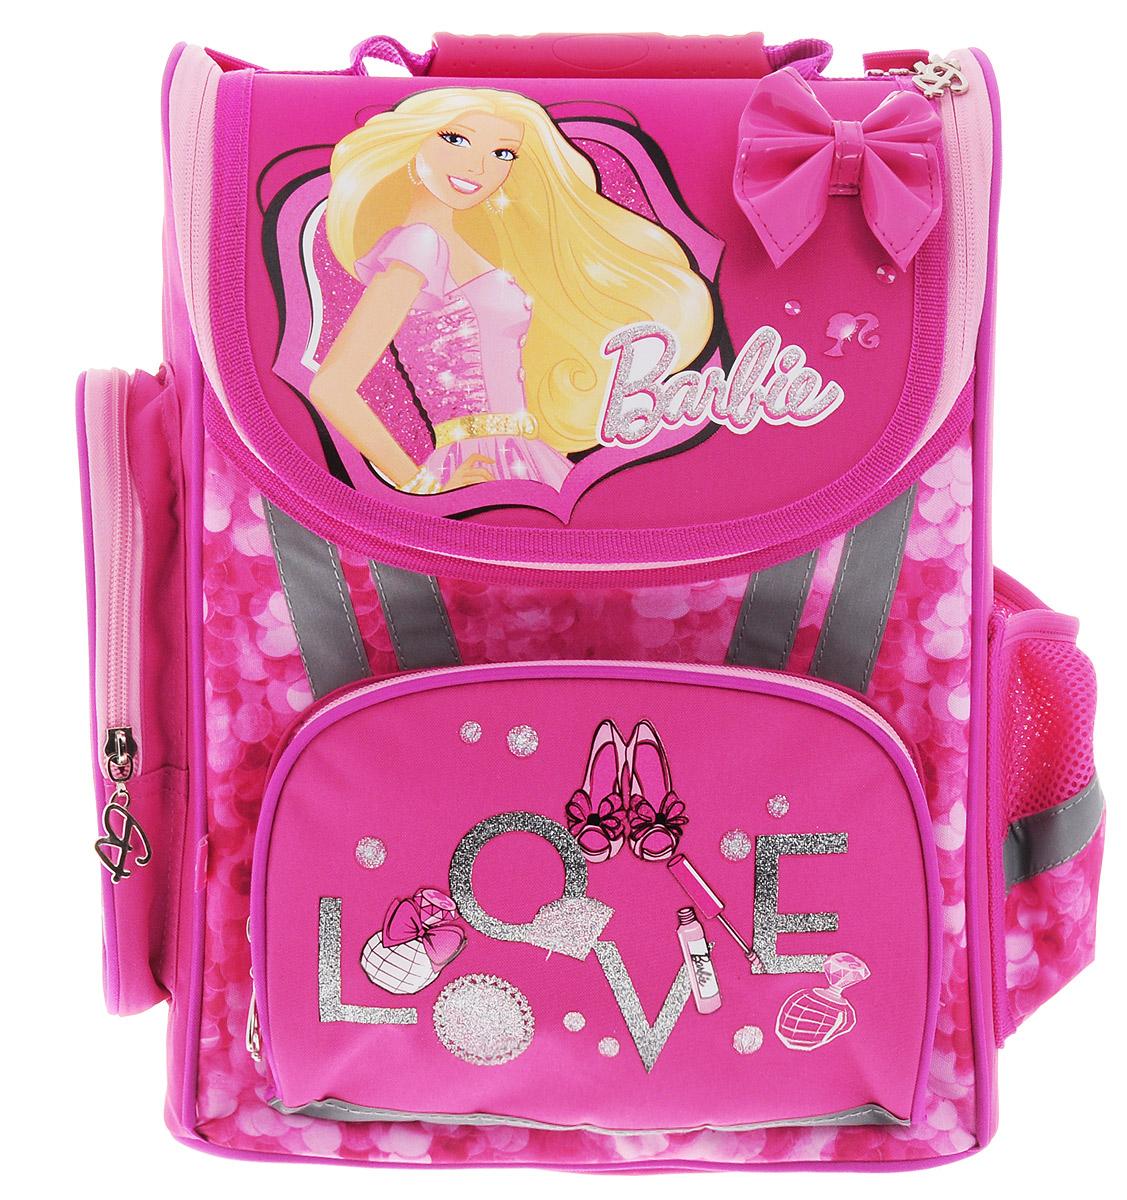 Ранец школьный Barbie ранец kite kite ранец школьный 529 каркасный speed